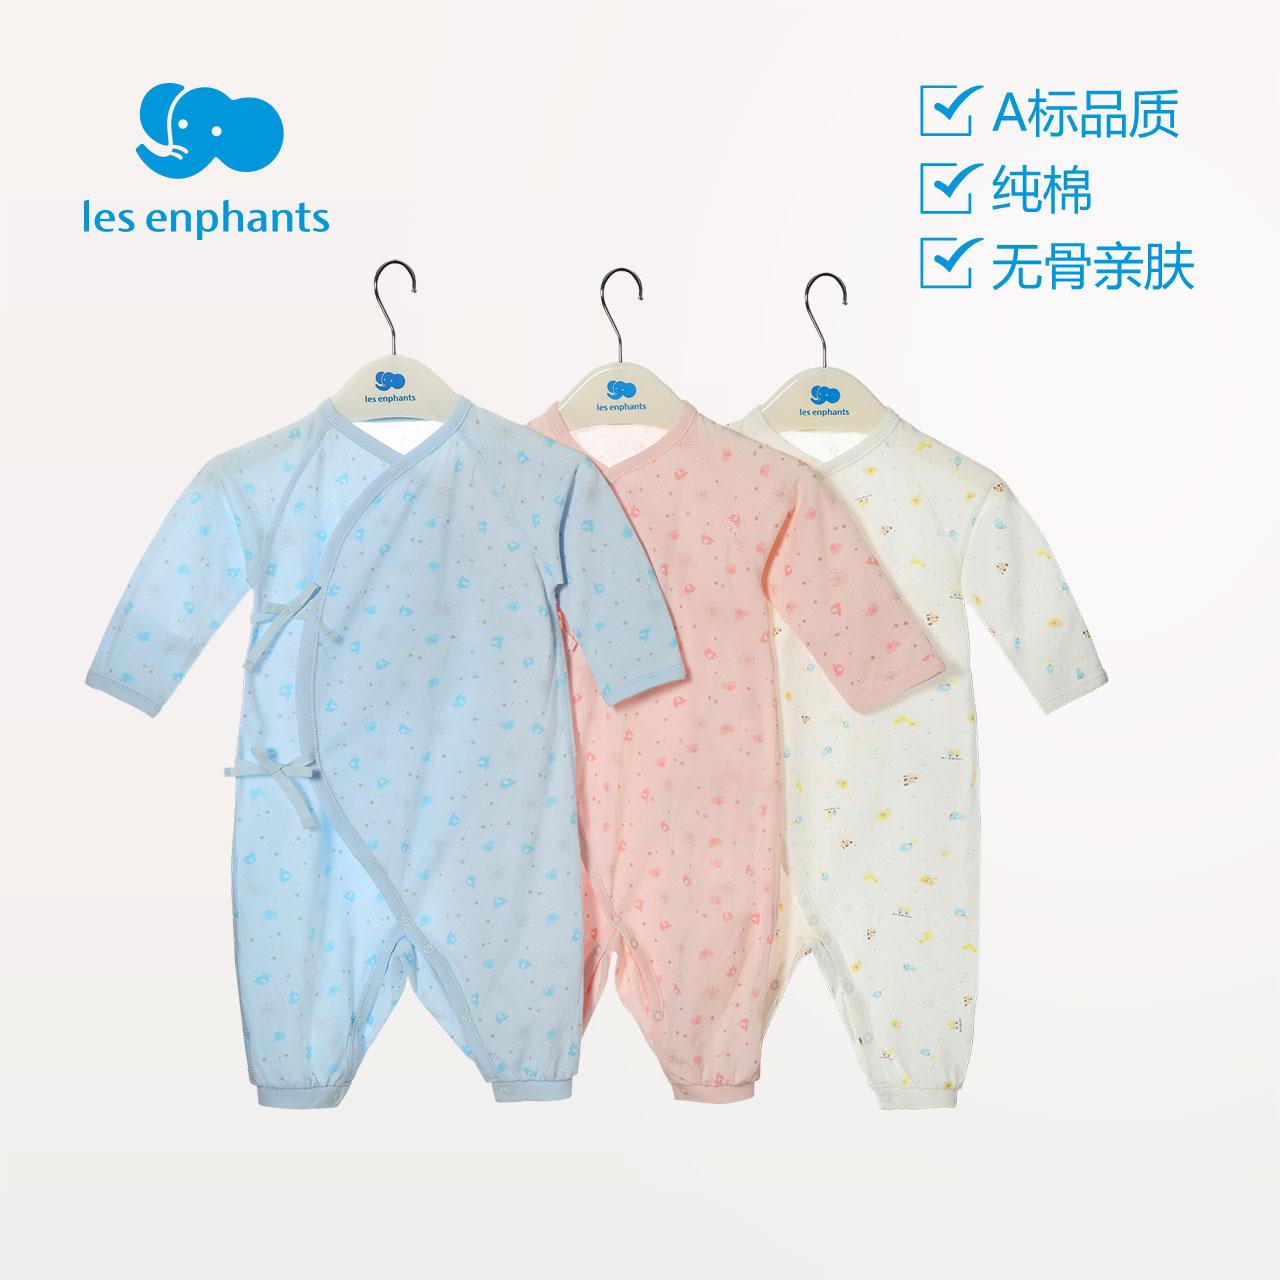 麗嬰房嬰兒連體衣純棉薄款夏裝男女寶寶全棉親膚內衣哈衣2019新款